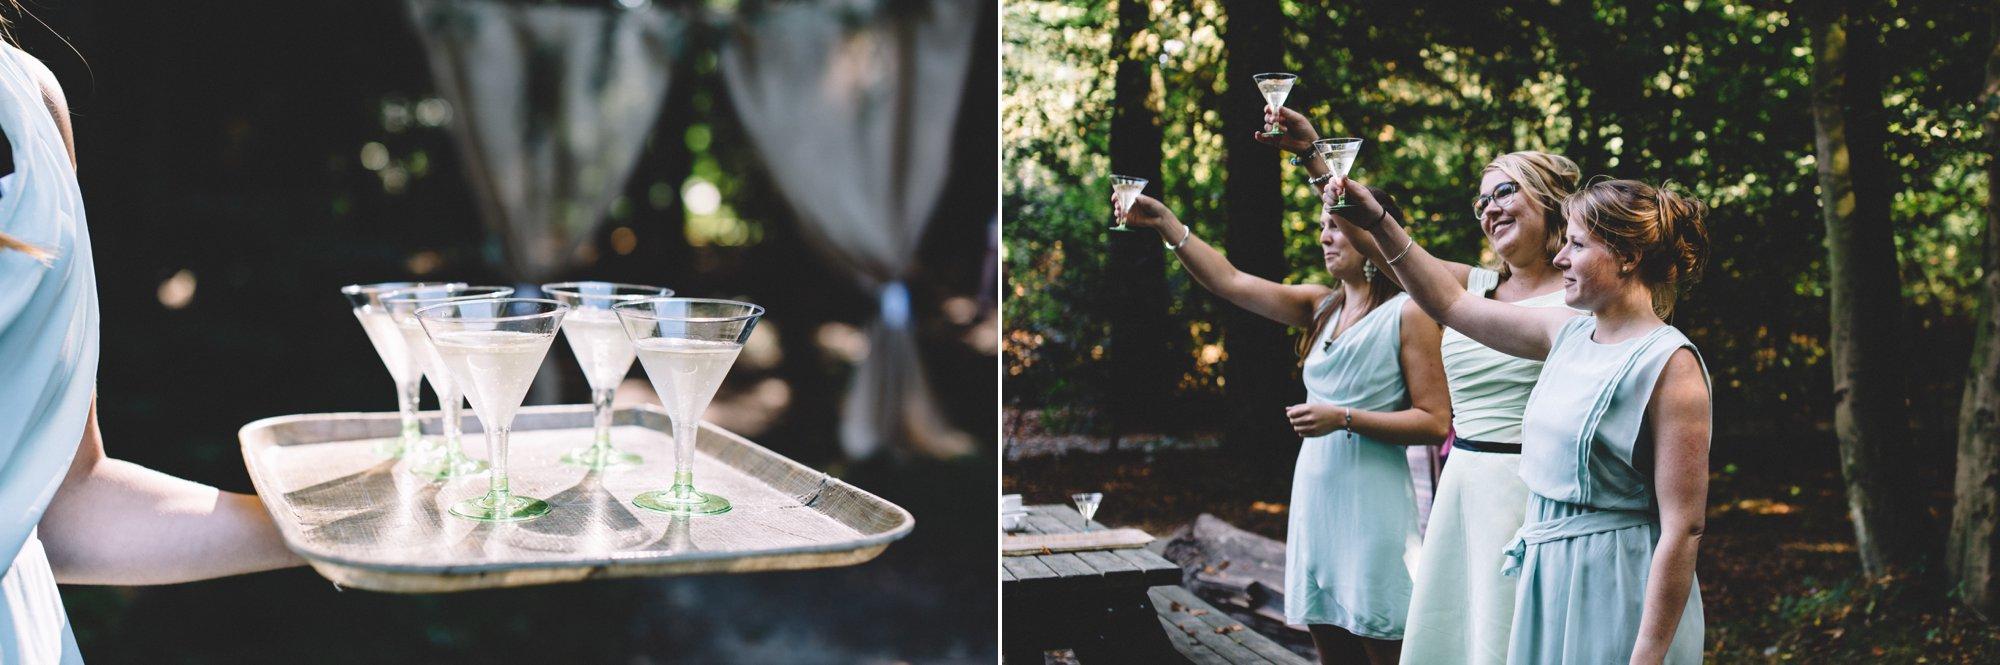 Bohemian bruiloft - trouwen in het bos- Arjen en Paulien_0027.jpg